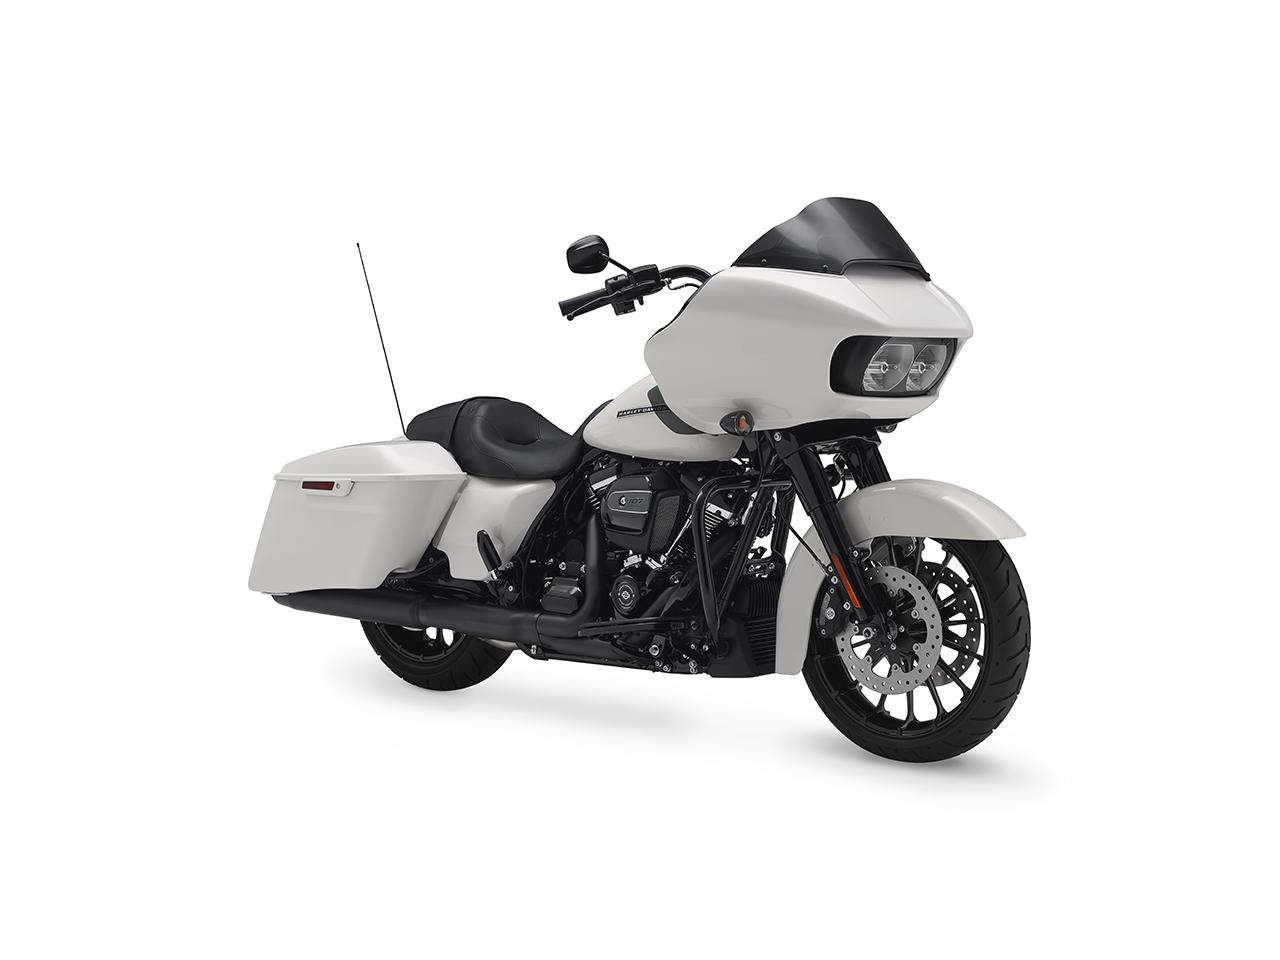 2018 Harley-Davidson Road Glide Special Image